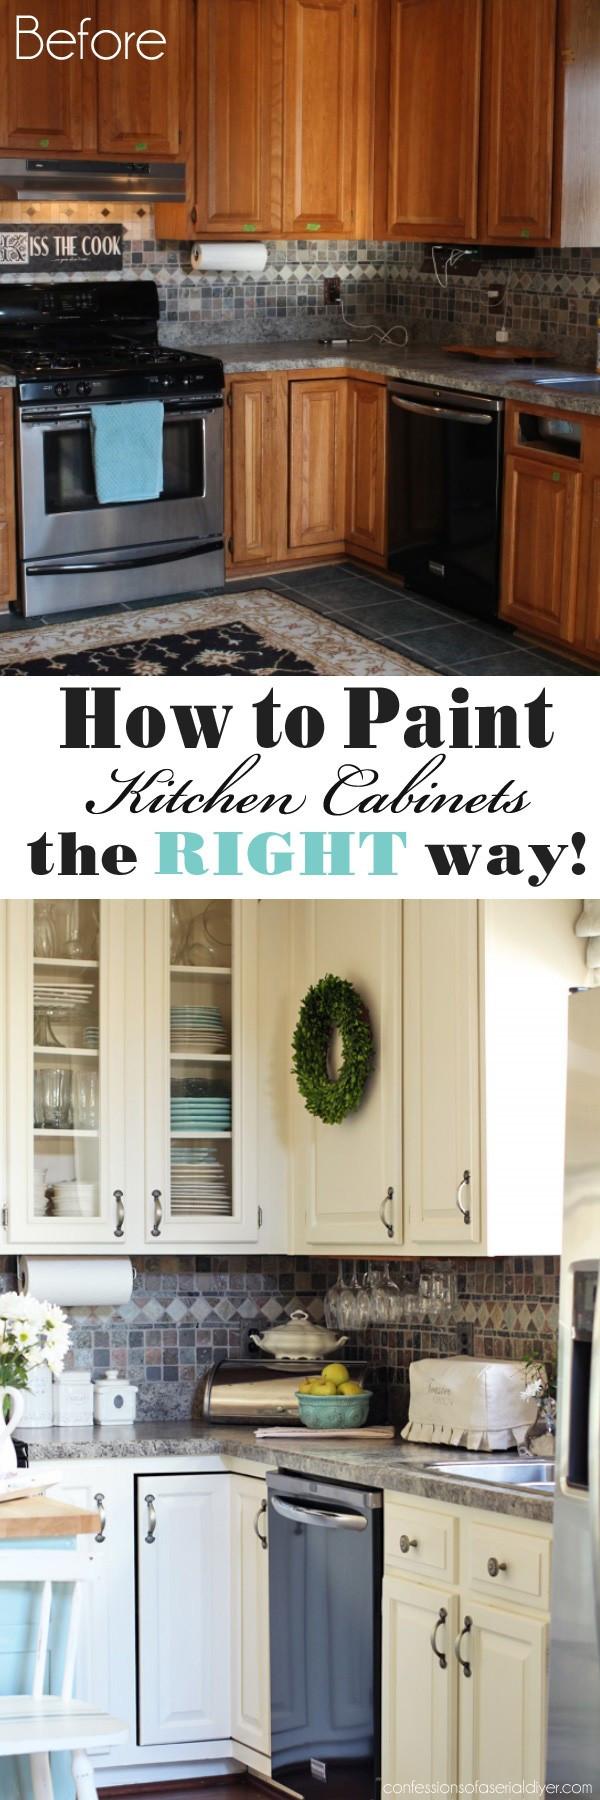 17 Trendy Hardwood Floor Kitchen Cabinet Combinations ...